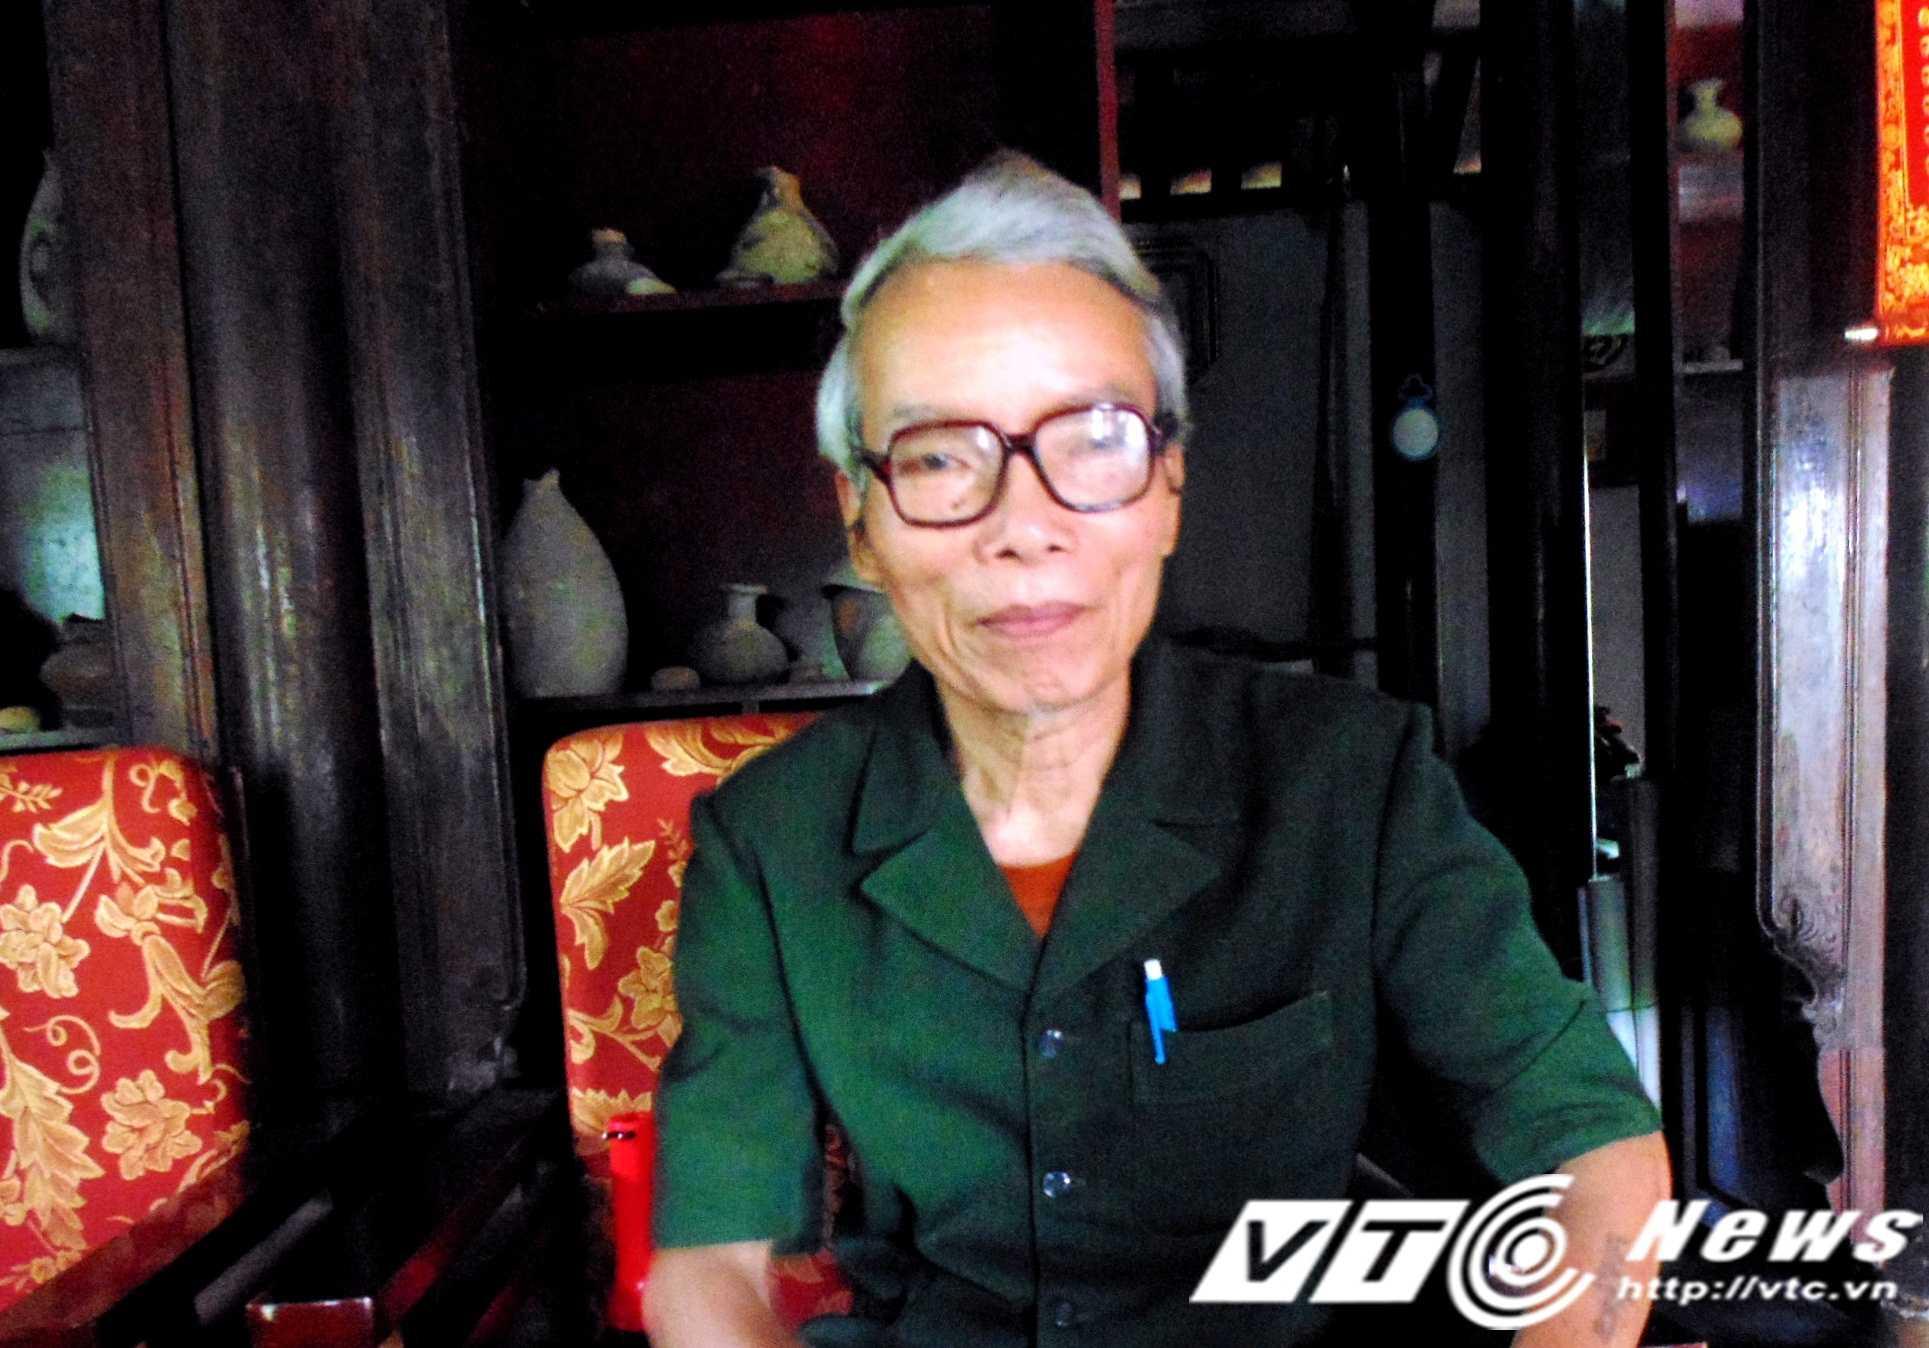 Ông Lương Thanh Khiếu, Ban Quản lí Làng cổ Phước tích không dám khẳng định thực hư những chuyện lạ quanh miếu Cây Thị.